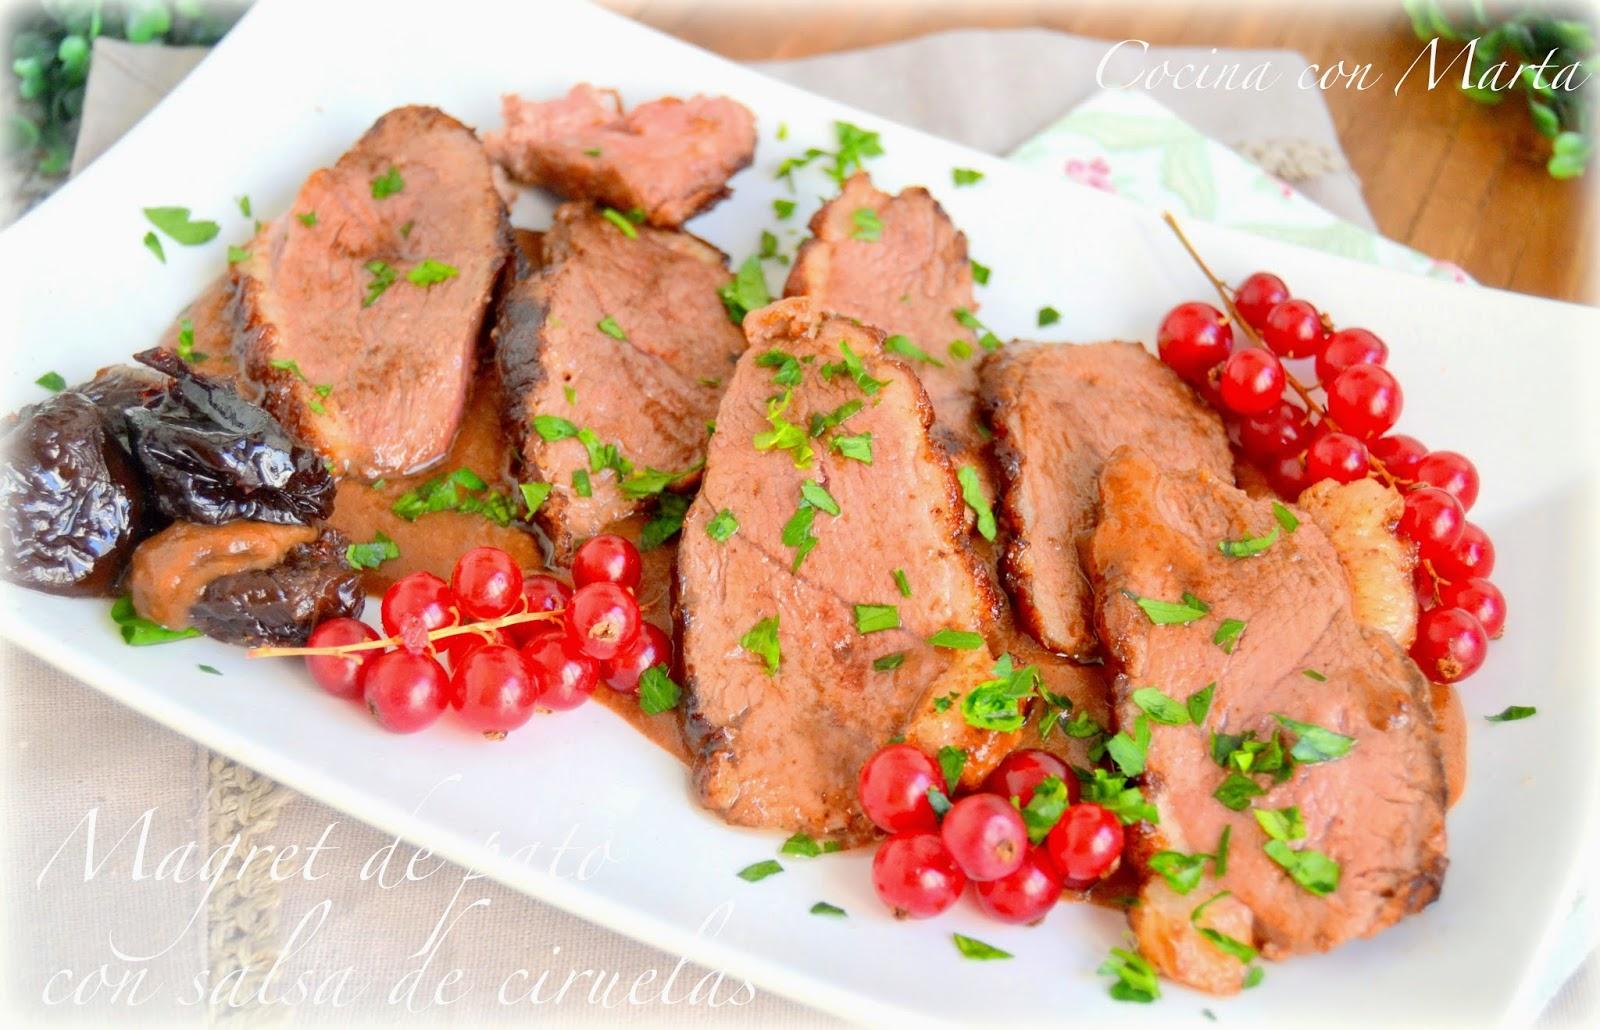 Magret de pato con salsa de ciruelas. Receta casera, fácil, rápida. Especial navidad y celebraciones.